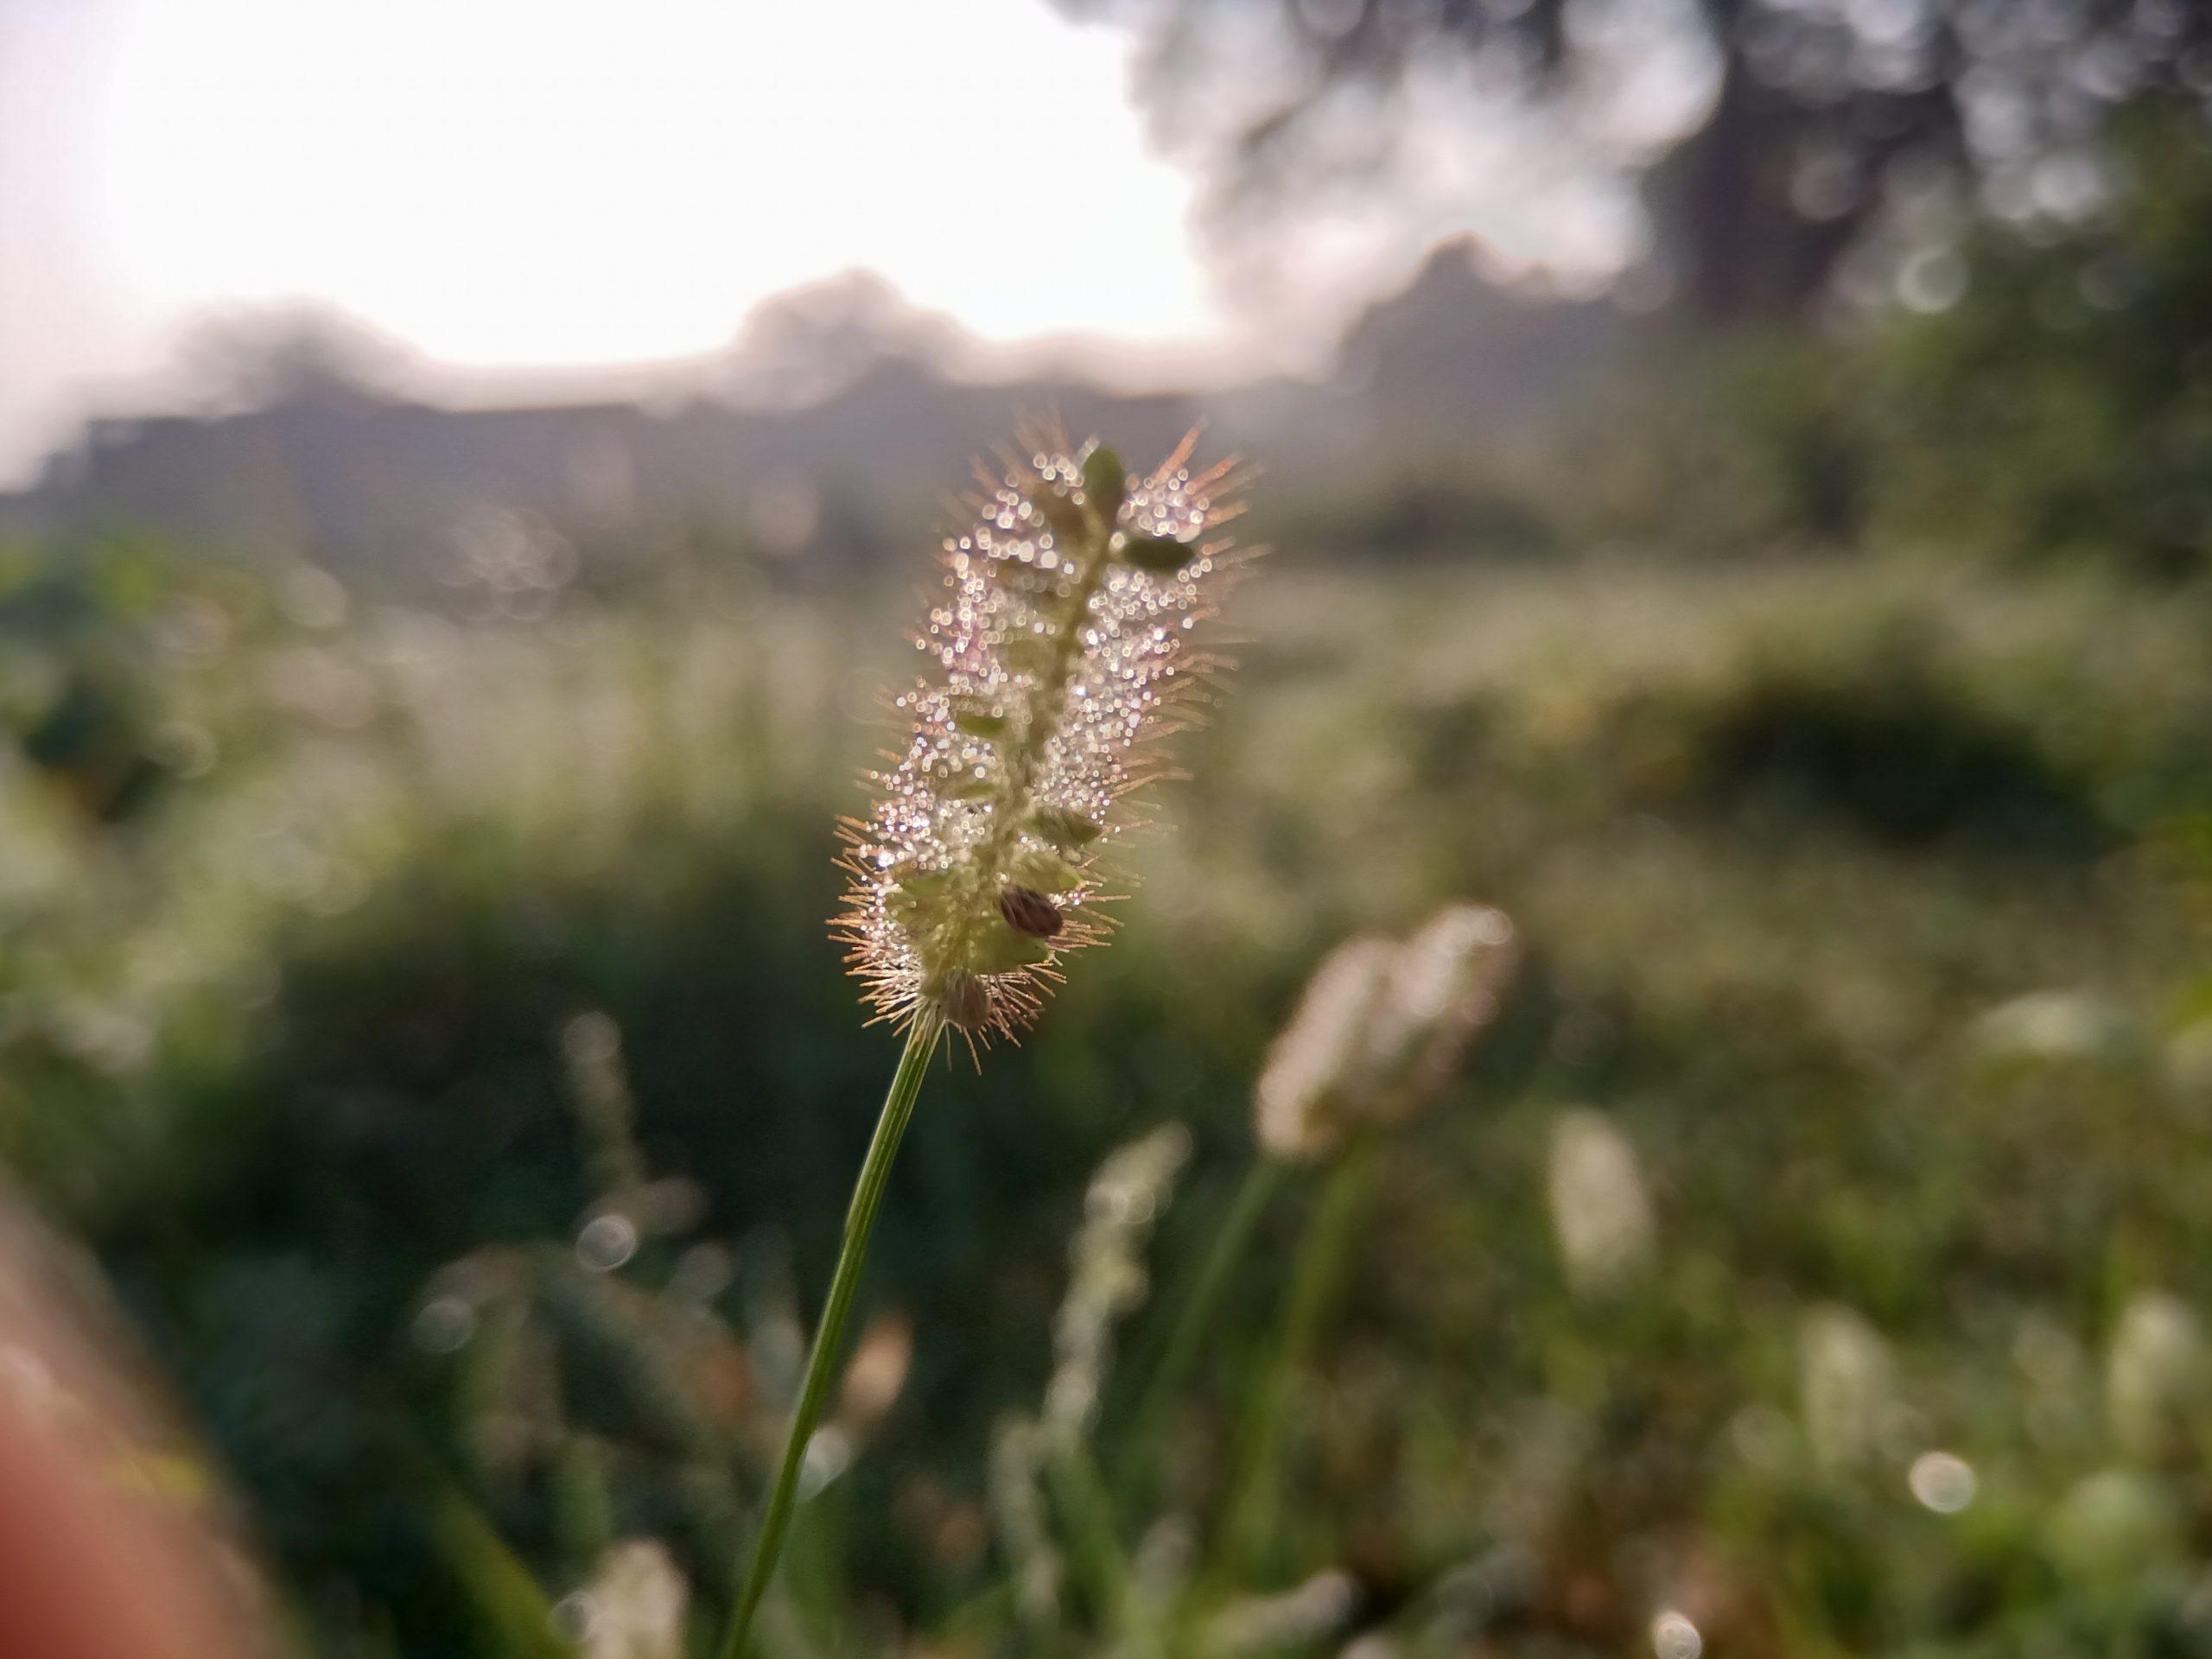 Moisture on a grass straw